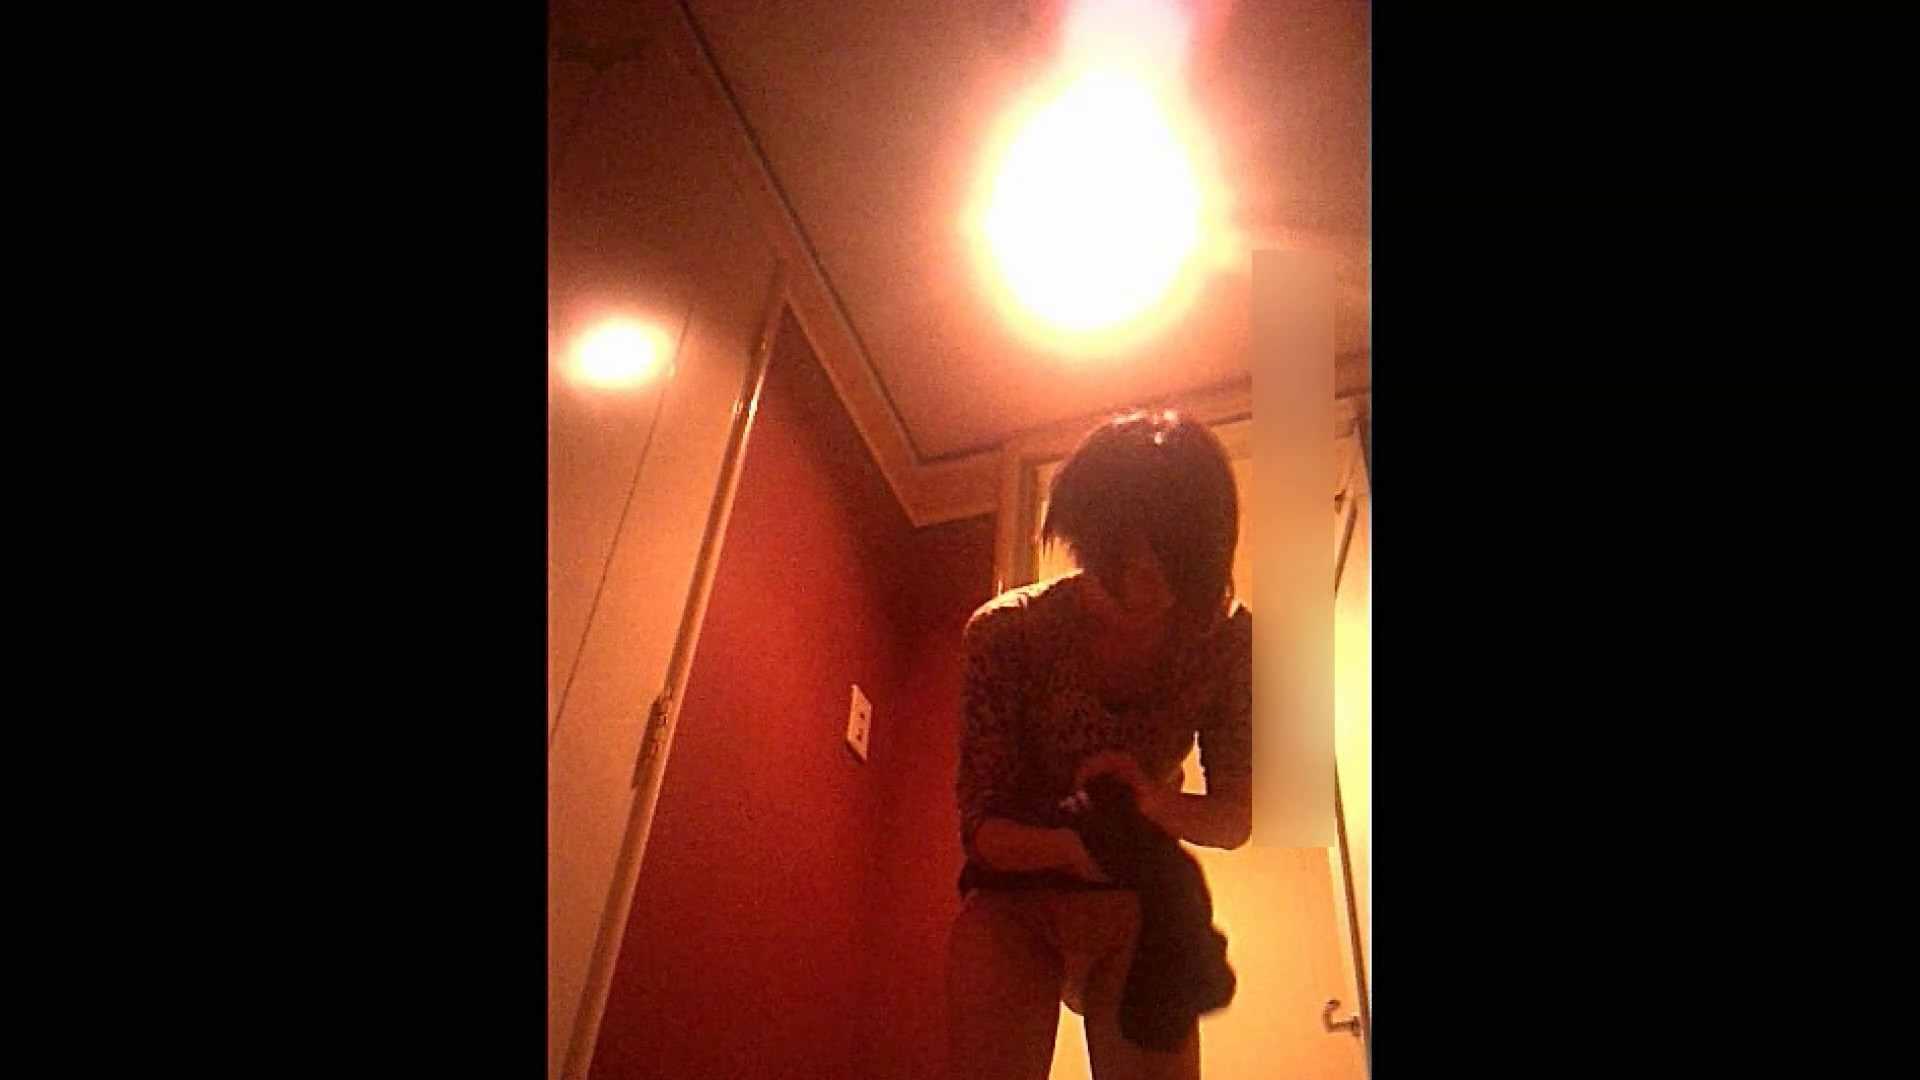 榮倉奈々 似!!激カワ ときめきチャン Vol.34 脱衣編 ラブホテル | 細身体型  95枚 25